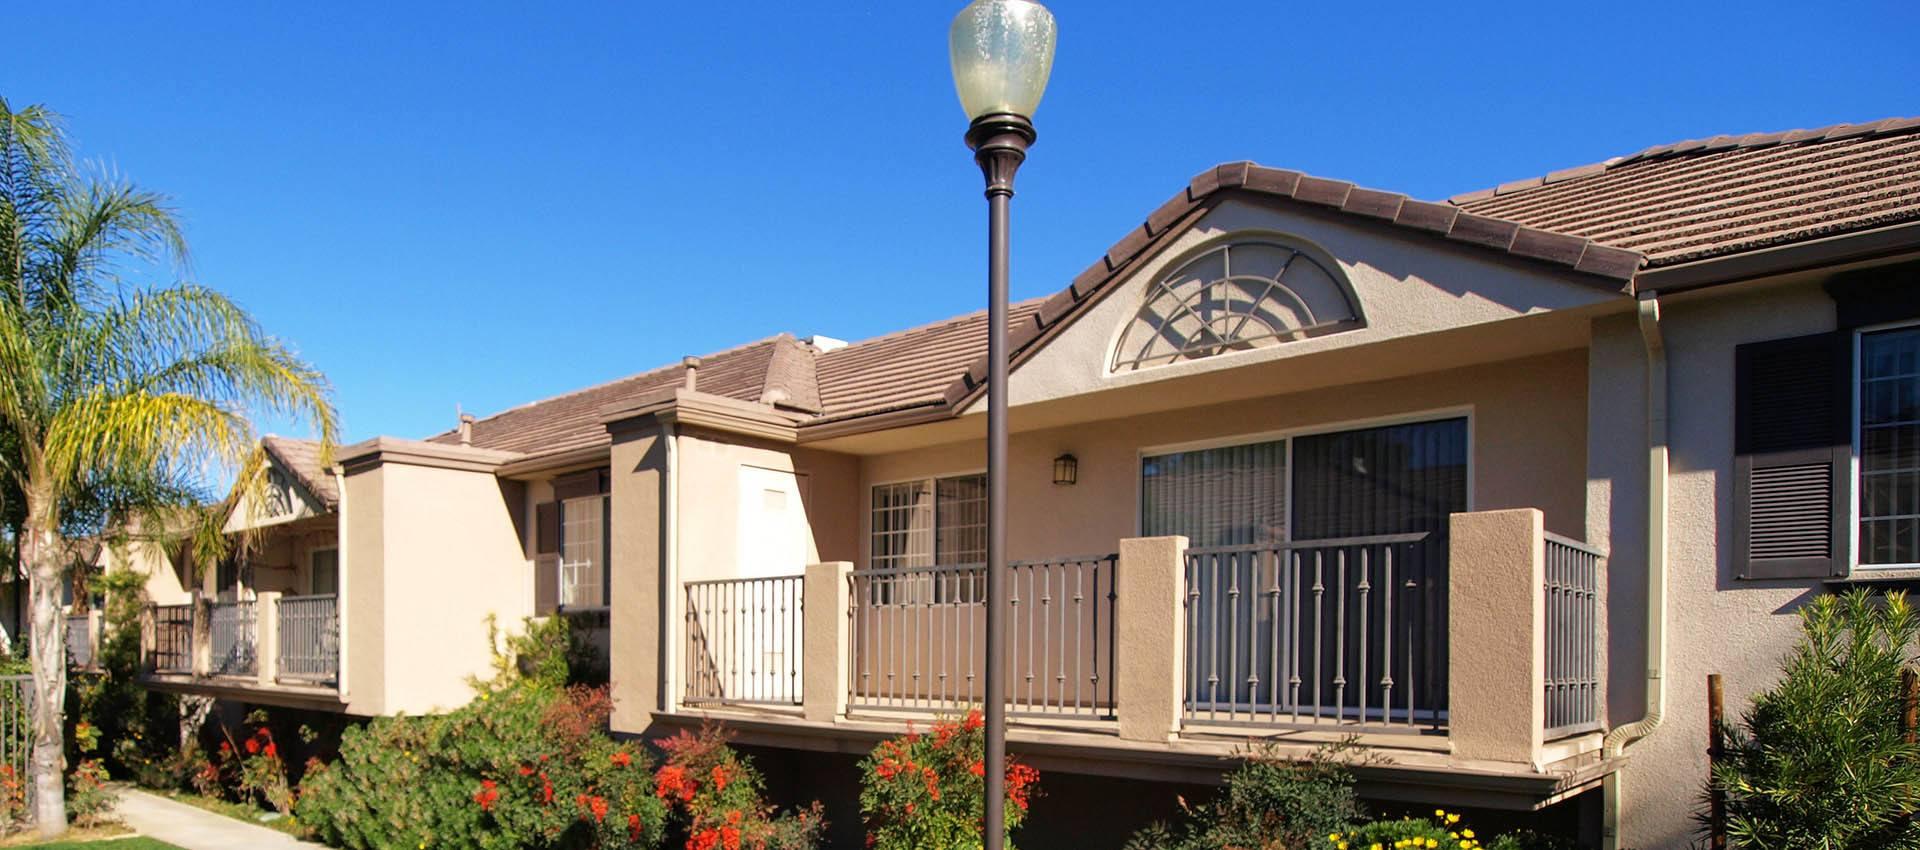 Building Exterior at Cypress Villas Apartment Homes in Redlands, CA